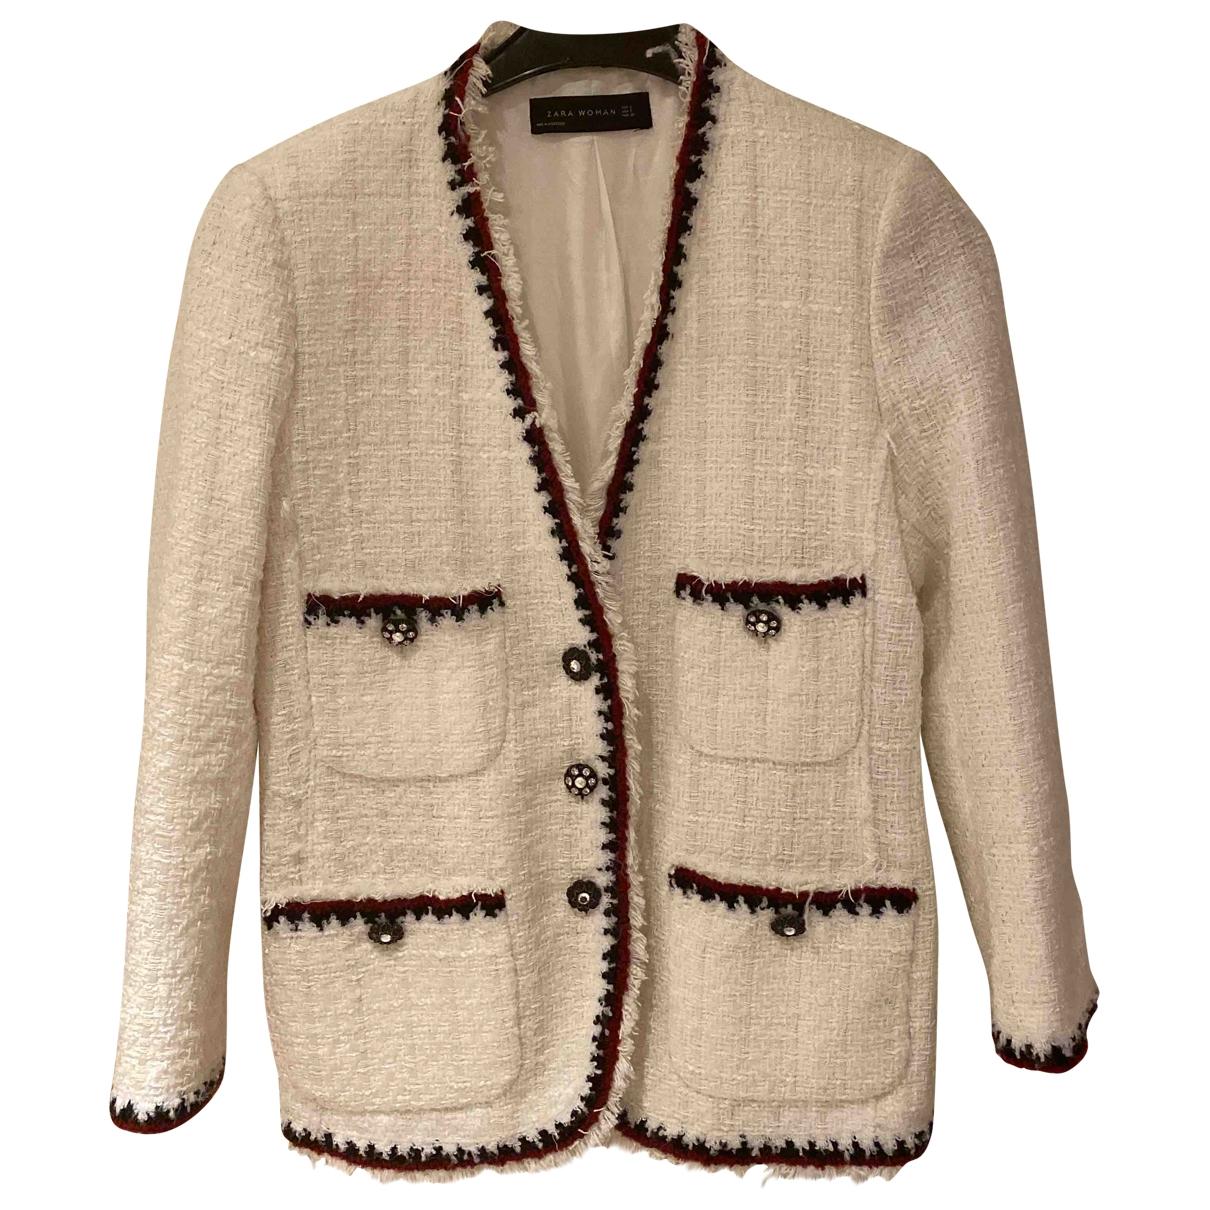 Zara \N White jacket for Women S International